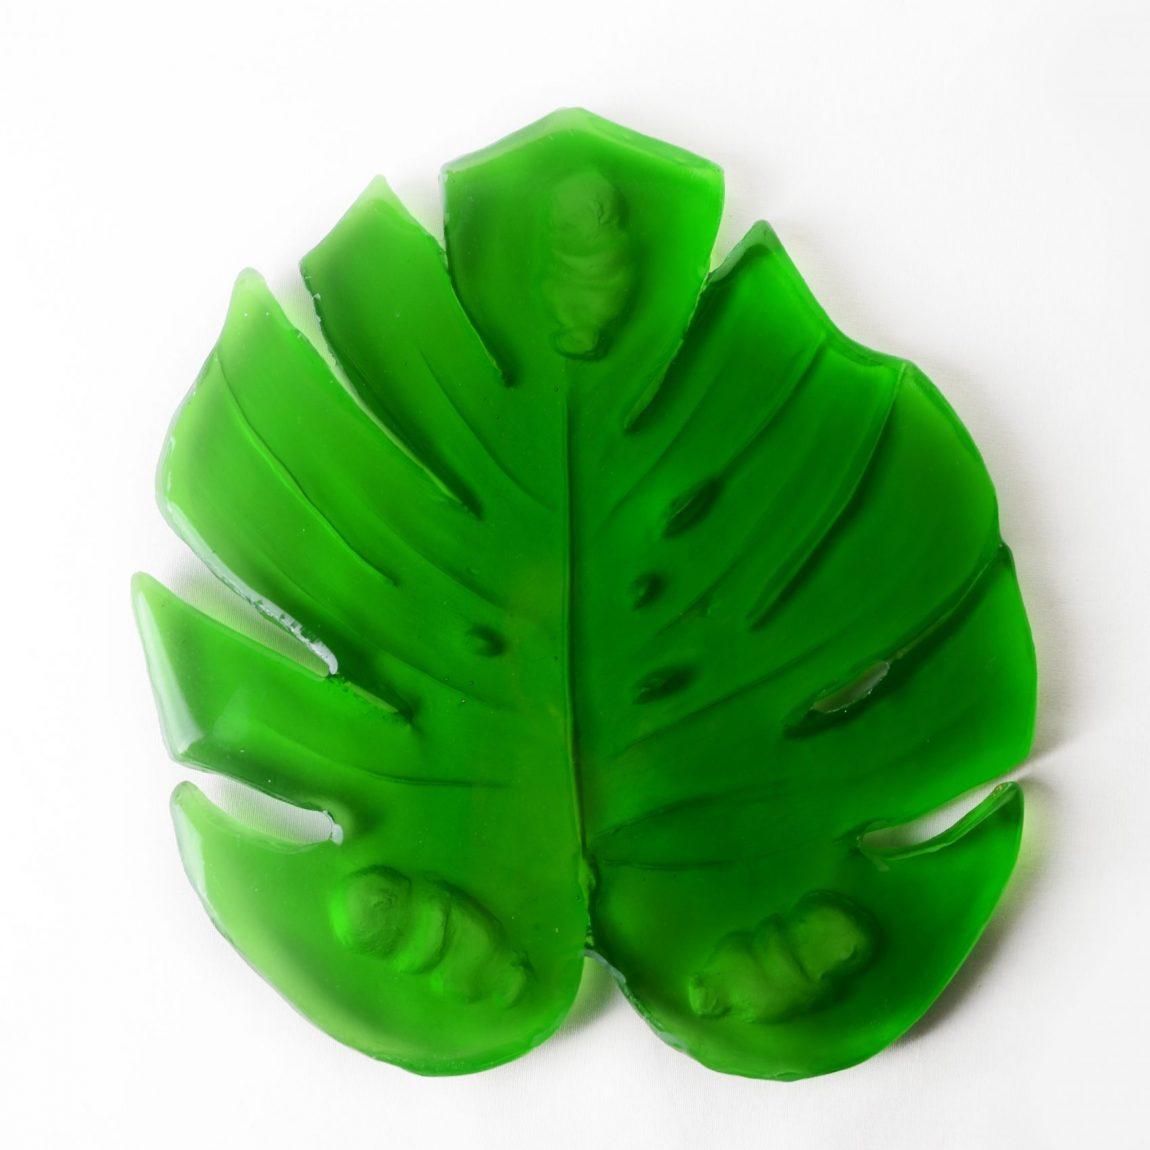 Huri GÜLER ÜLKER  Eser İsmi:Yeşil Teknik:CamHeykel-MUM Şekillendirme Kalıp Tekniği Ölçü:30x25x5cm